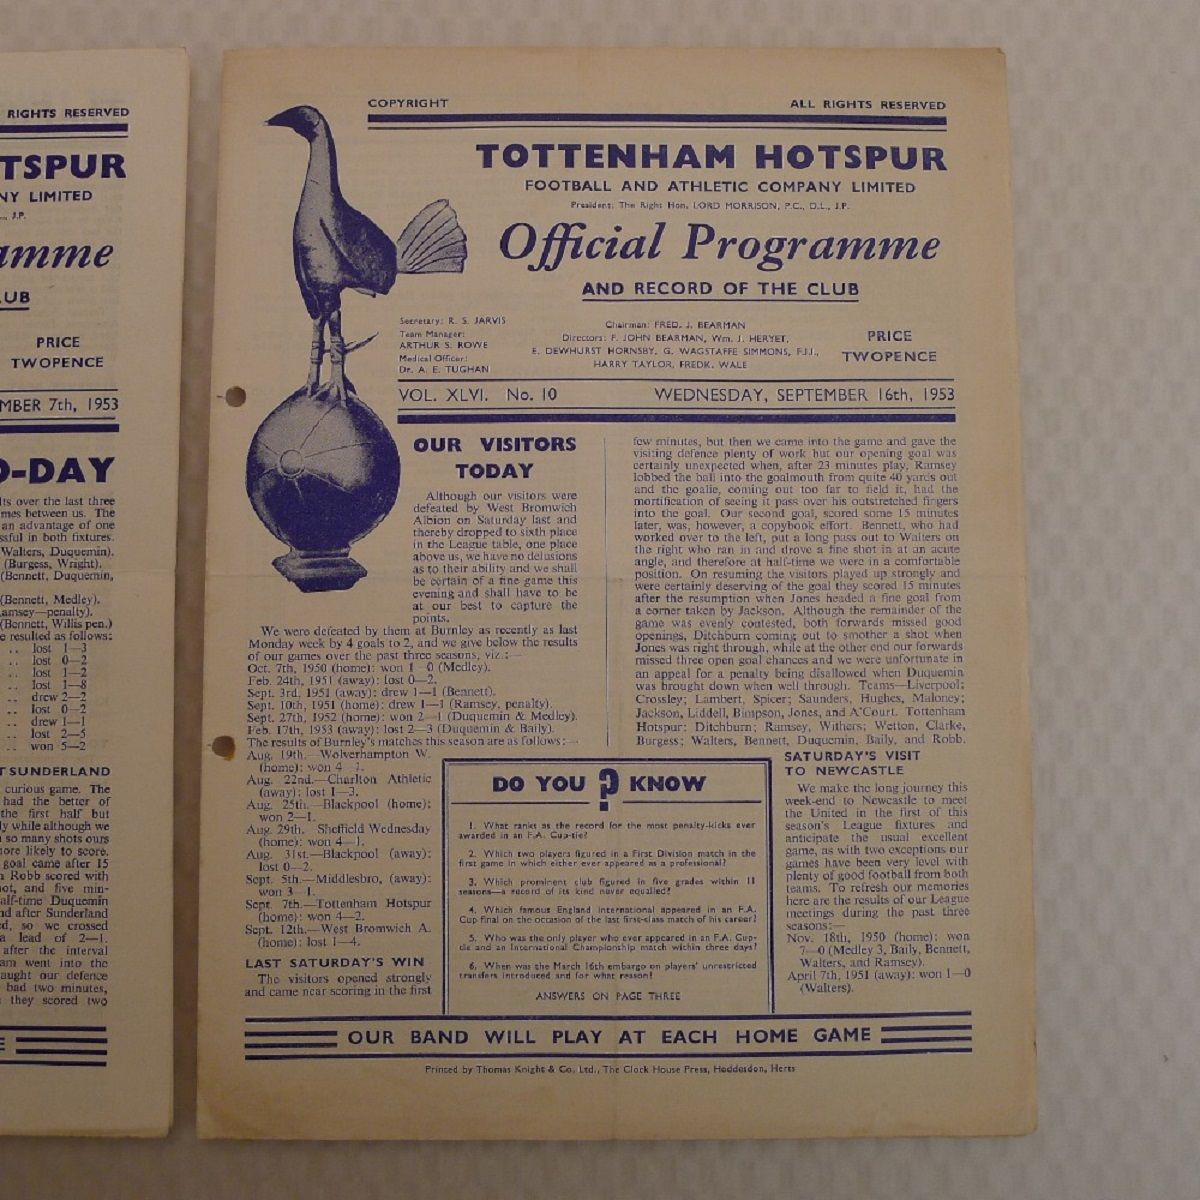 Vintage Football Programmes. 3 x Tottenham Hotspur 1953 football programmes comprising v Burnley - Image 4 of 5